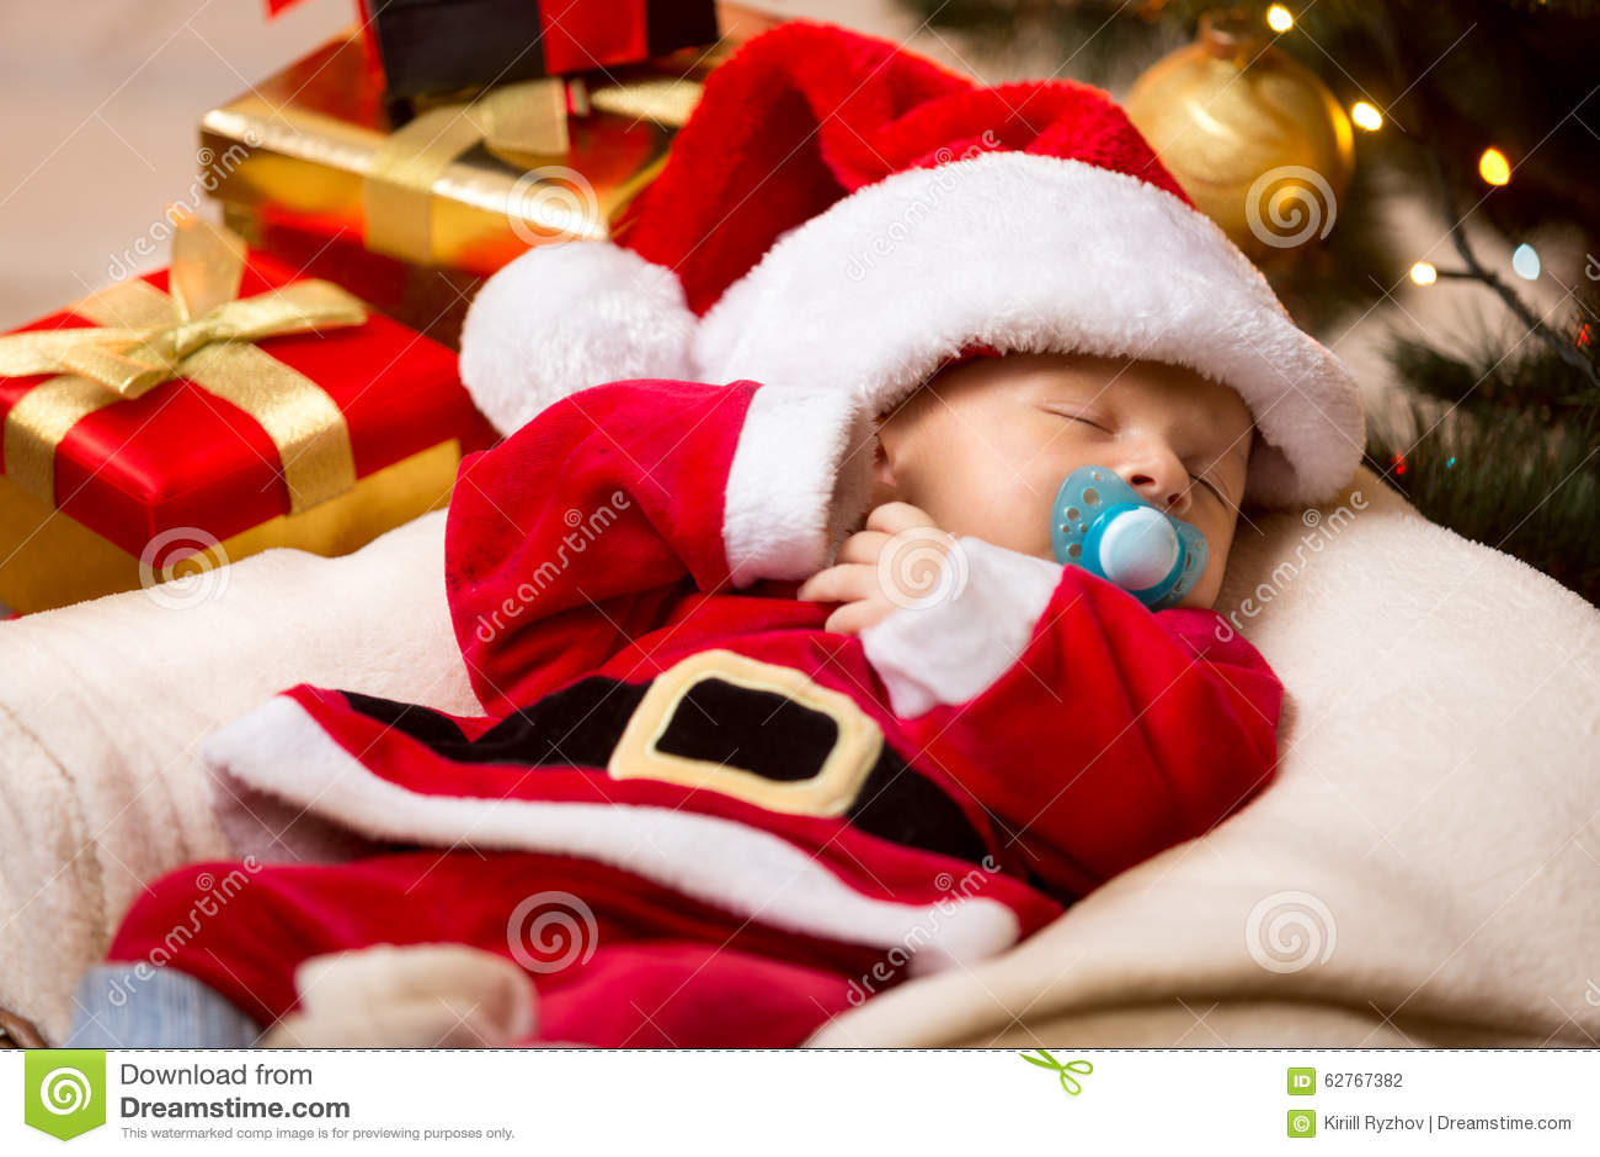 Bebé Recién Nacido Que Duerme En El Traje Blanco Y Rojo